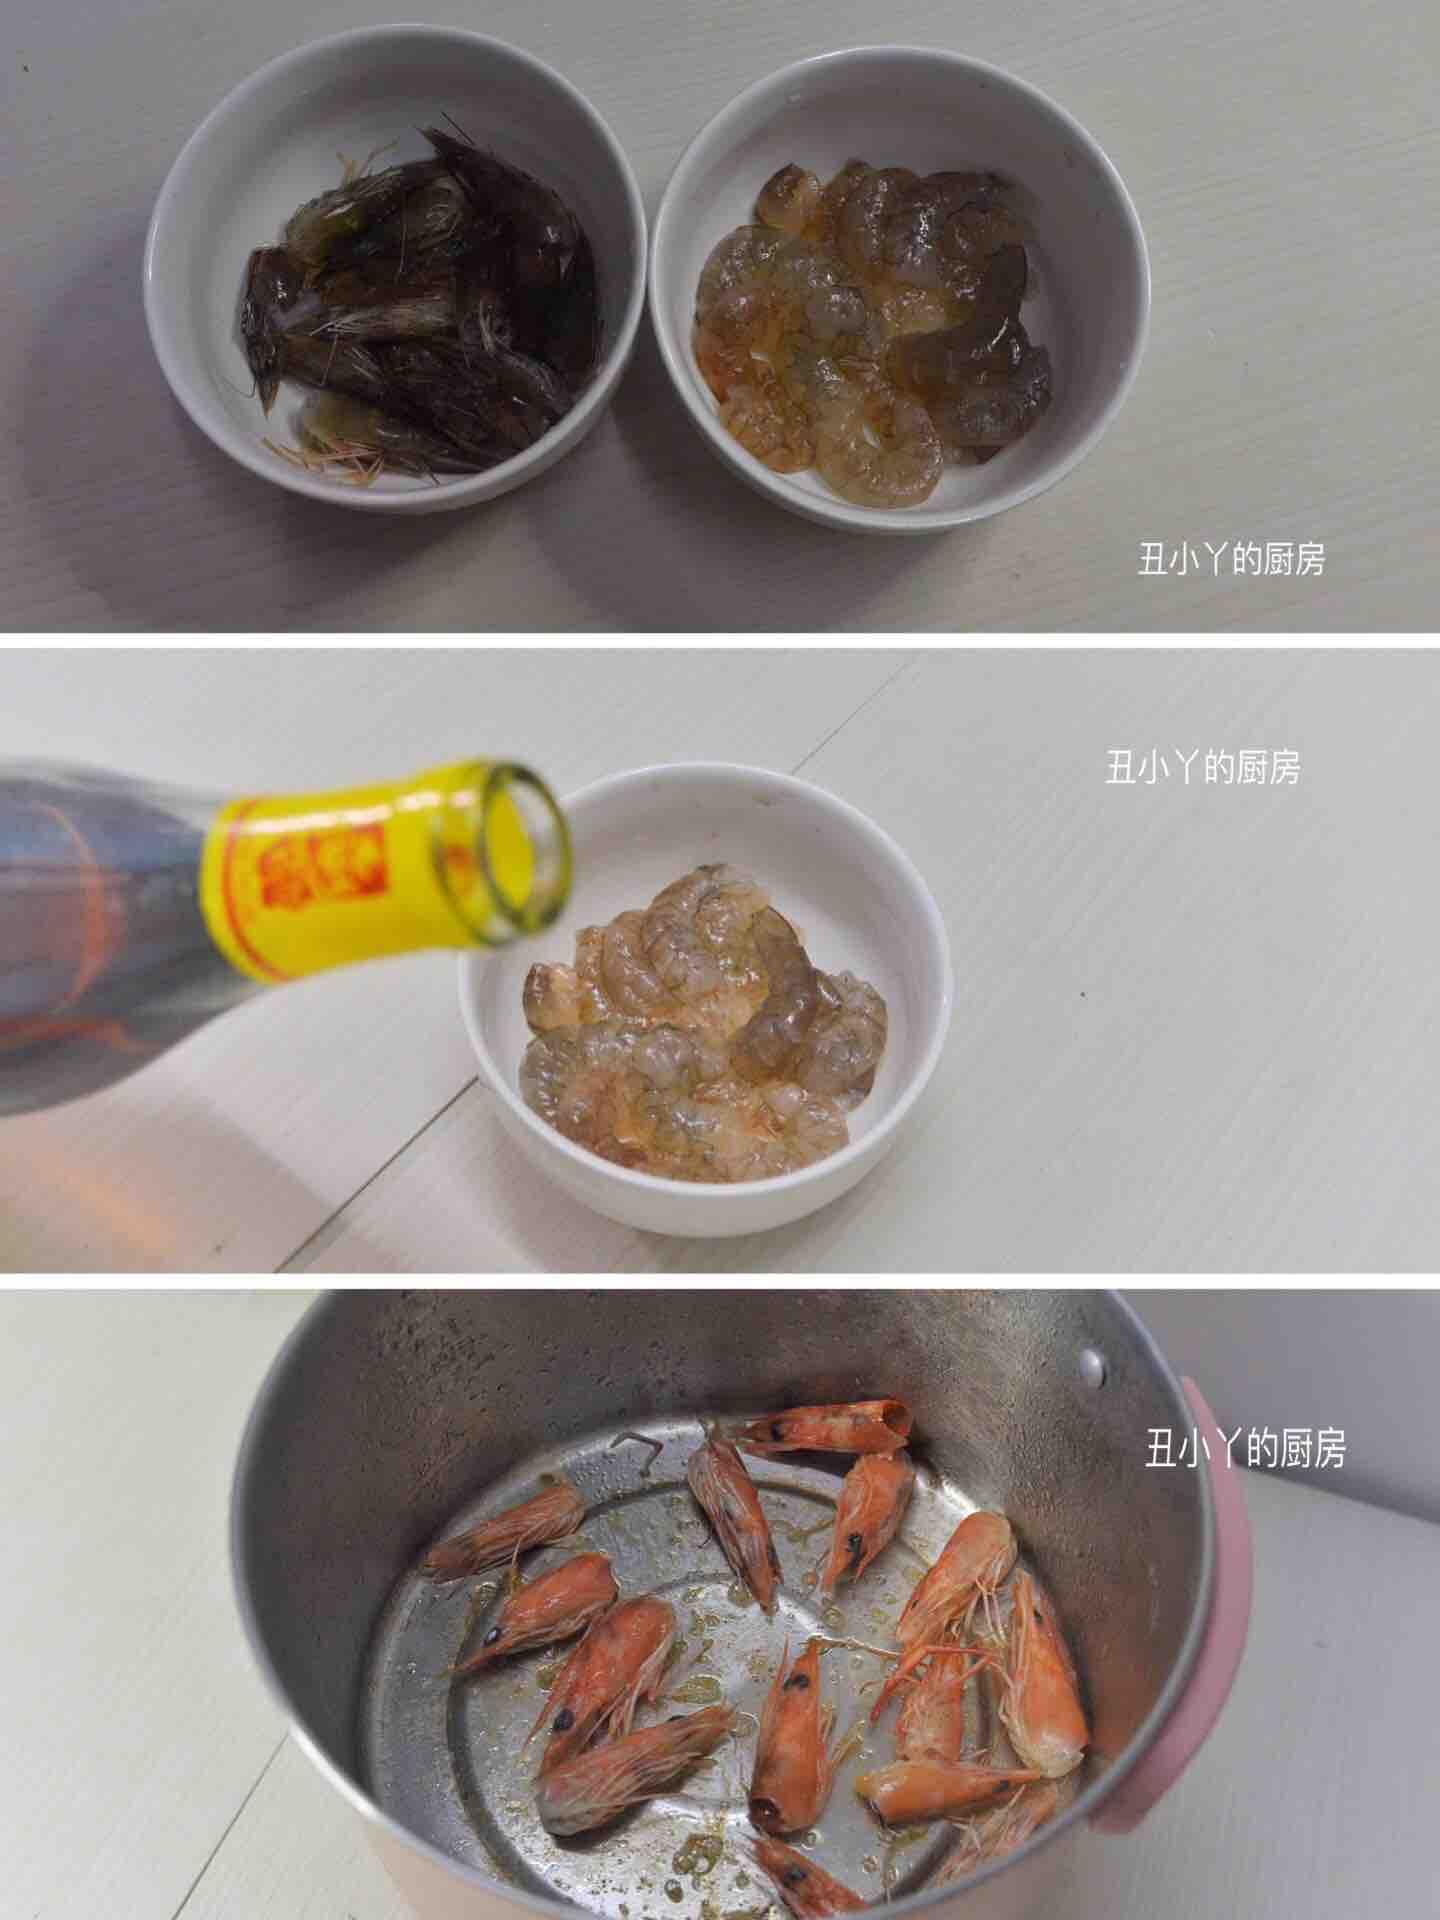 西兰花虾仁鸡蛋豆腐汤的做法图解